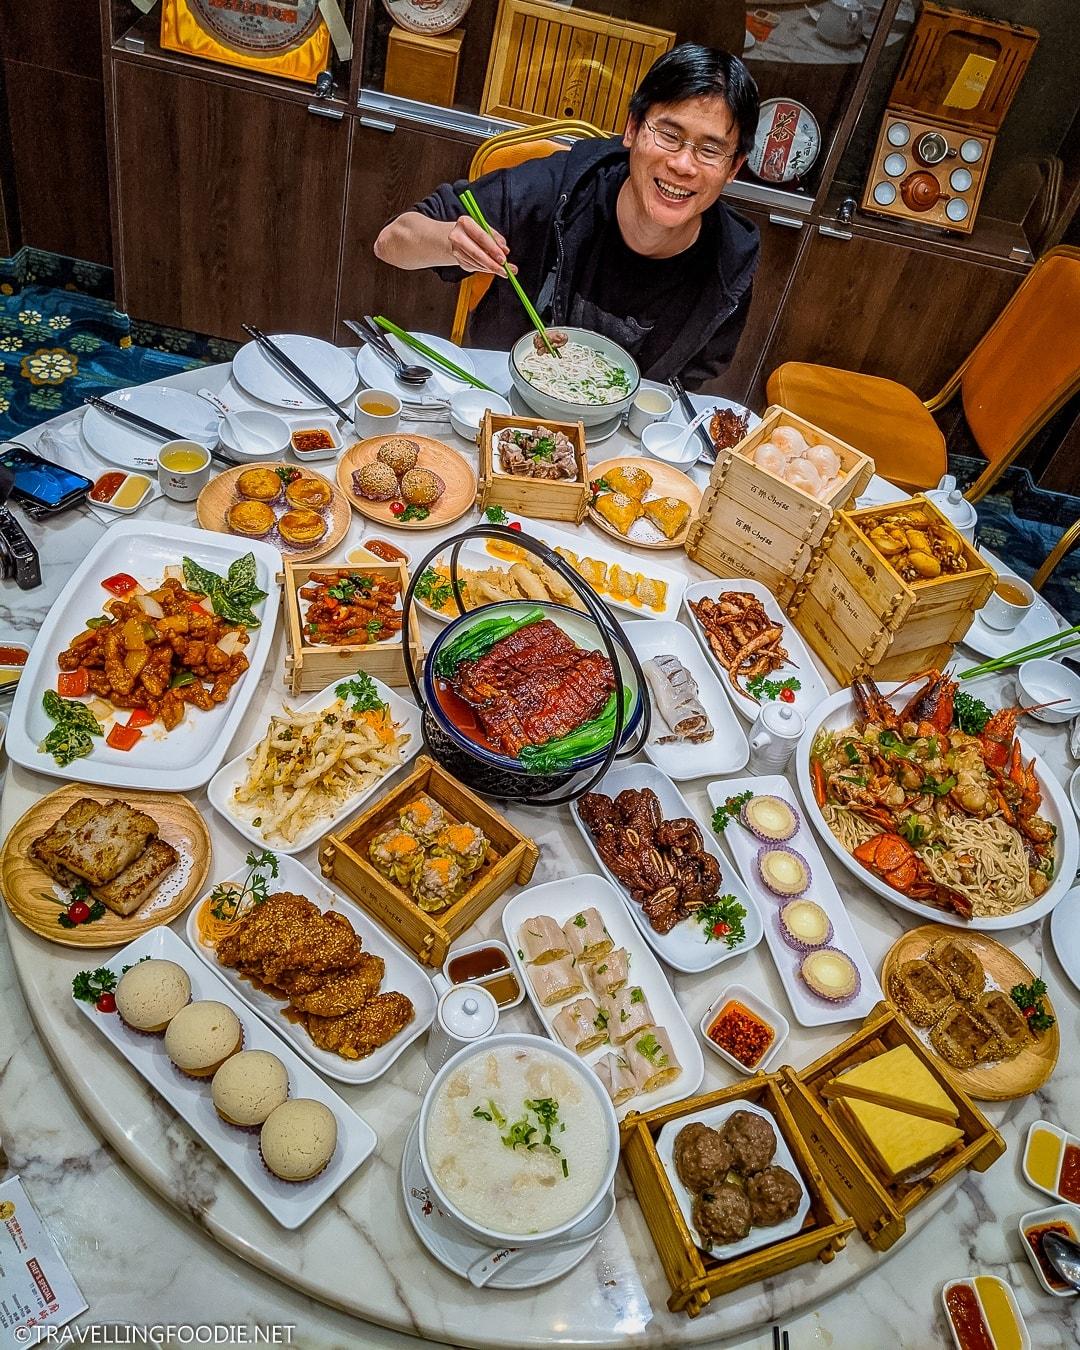 Travelling Foodie Raymond Cua enjoying a dim sum feast at Chef 88 Elite in Markham